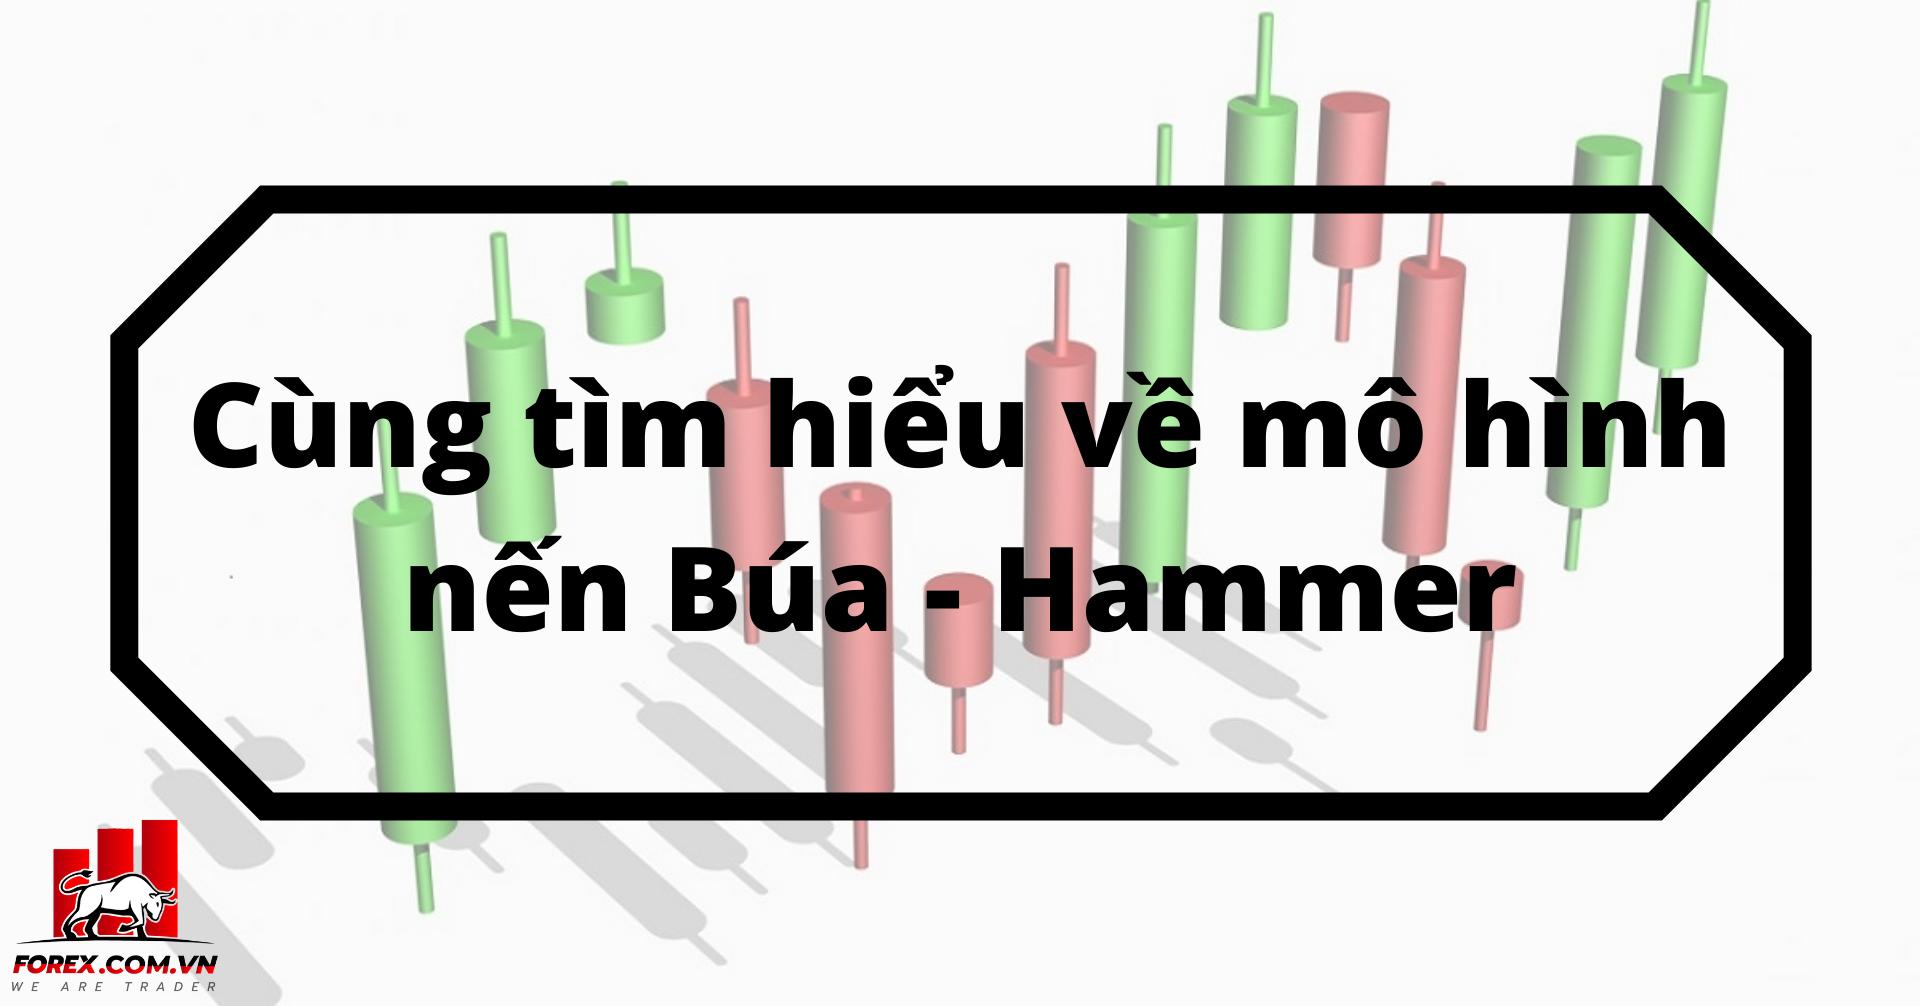 Cùng Tìm Hiểu Về Mô Hình Nến Búa Hammer